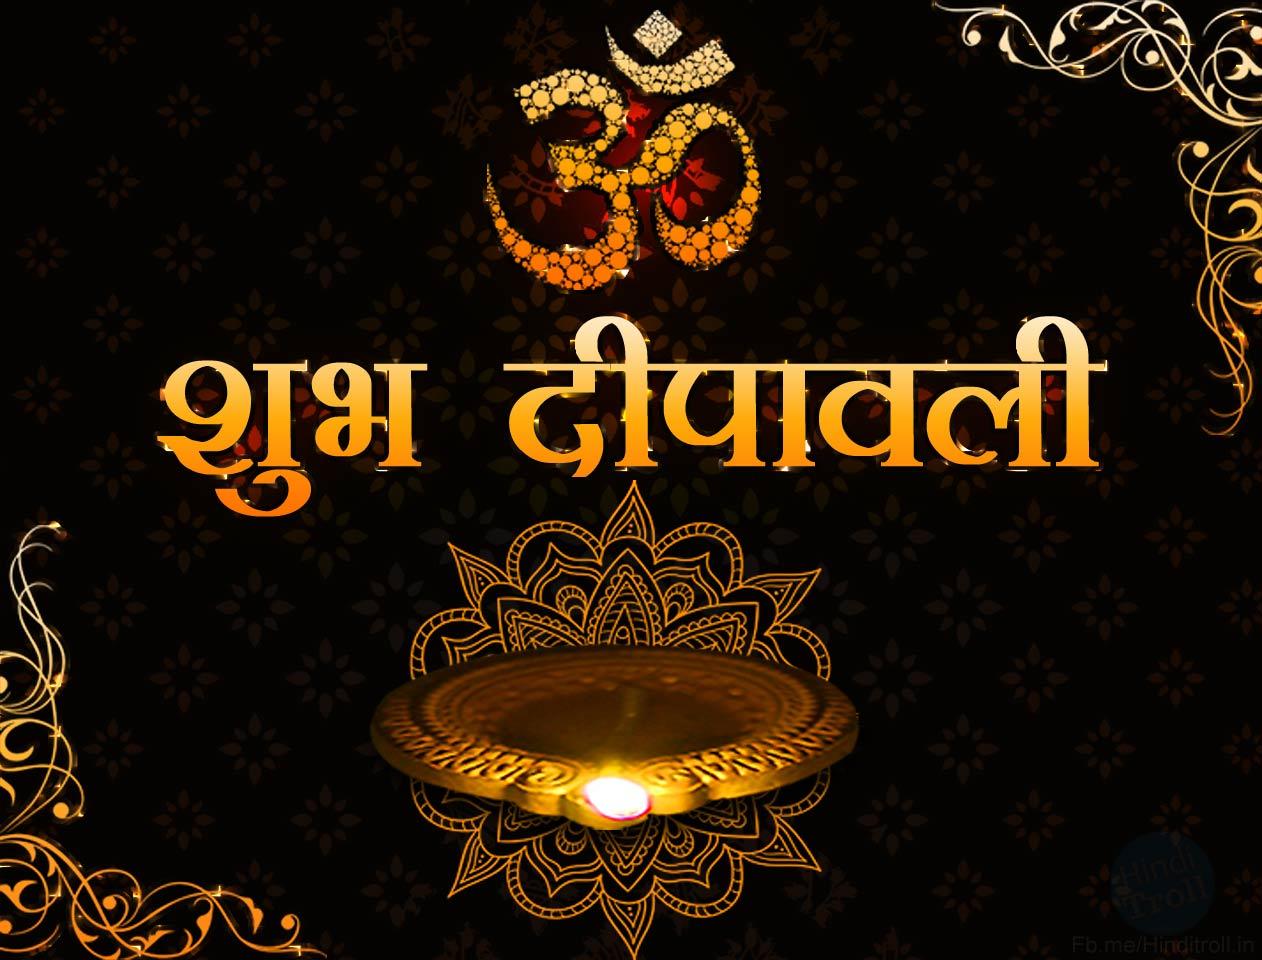 Wallpaper Diwali Greetings Cards Hindi For